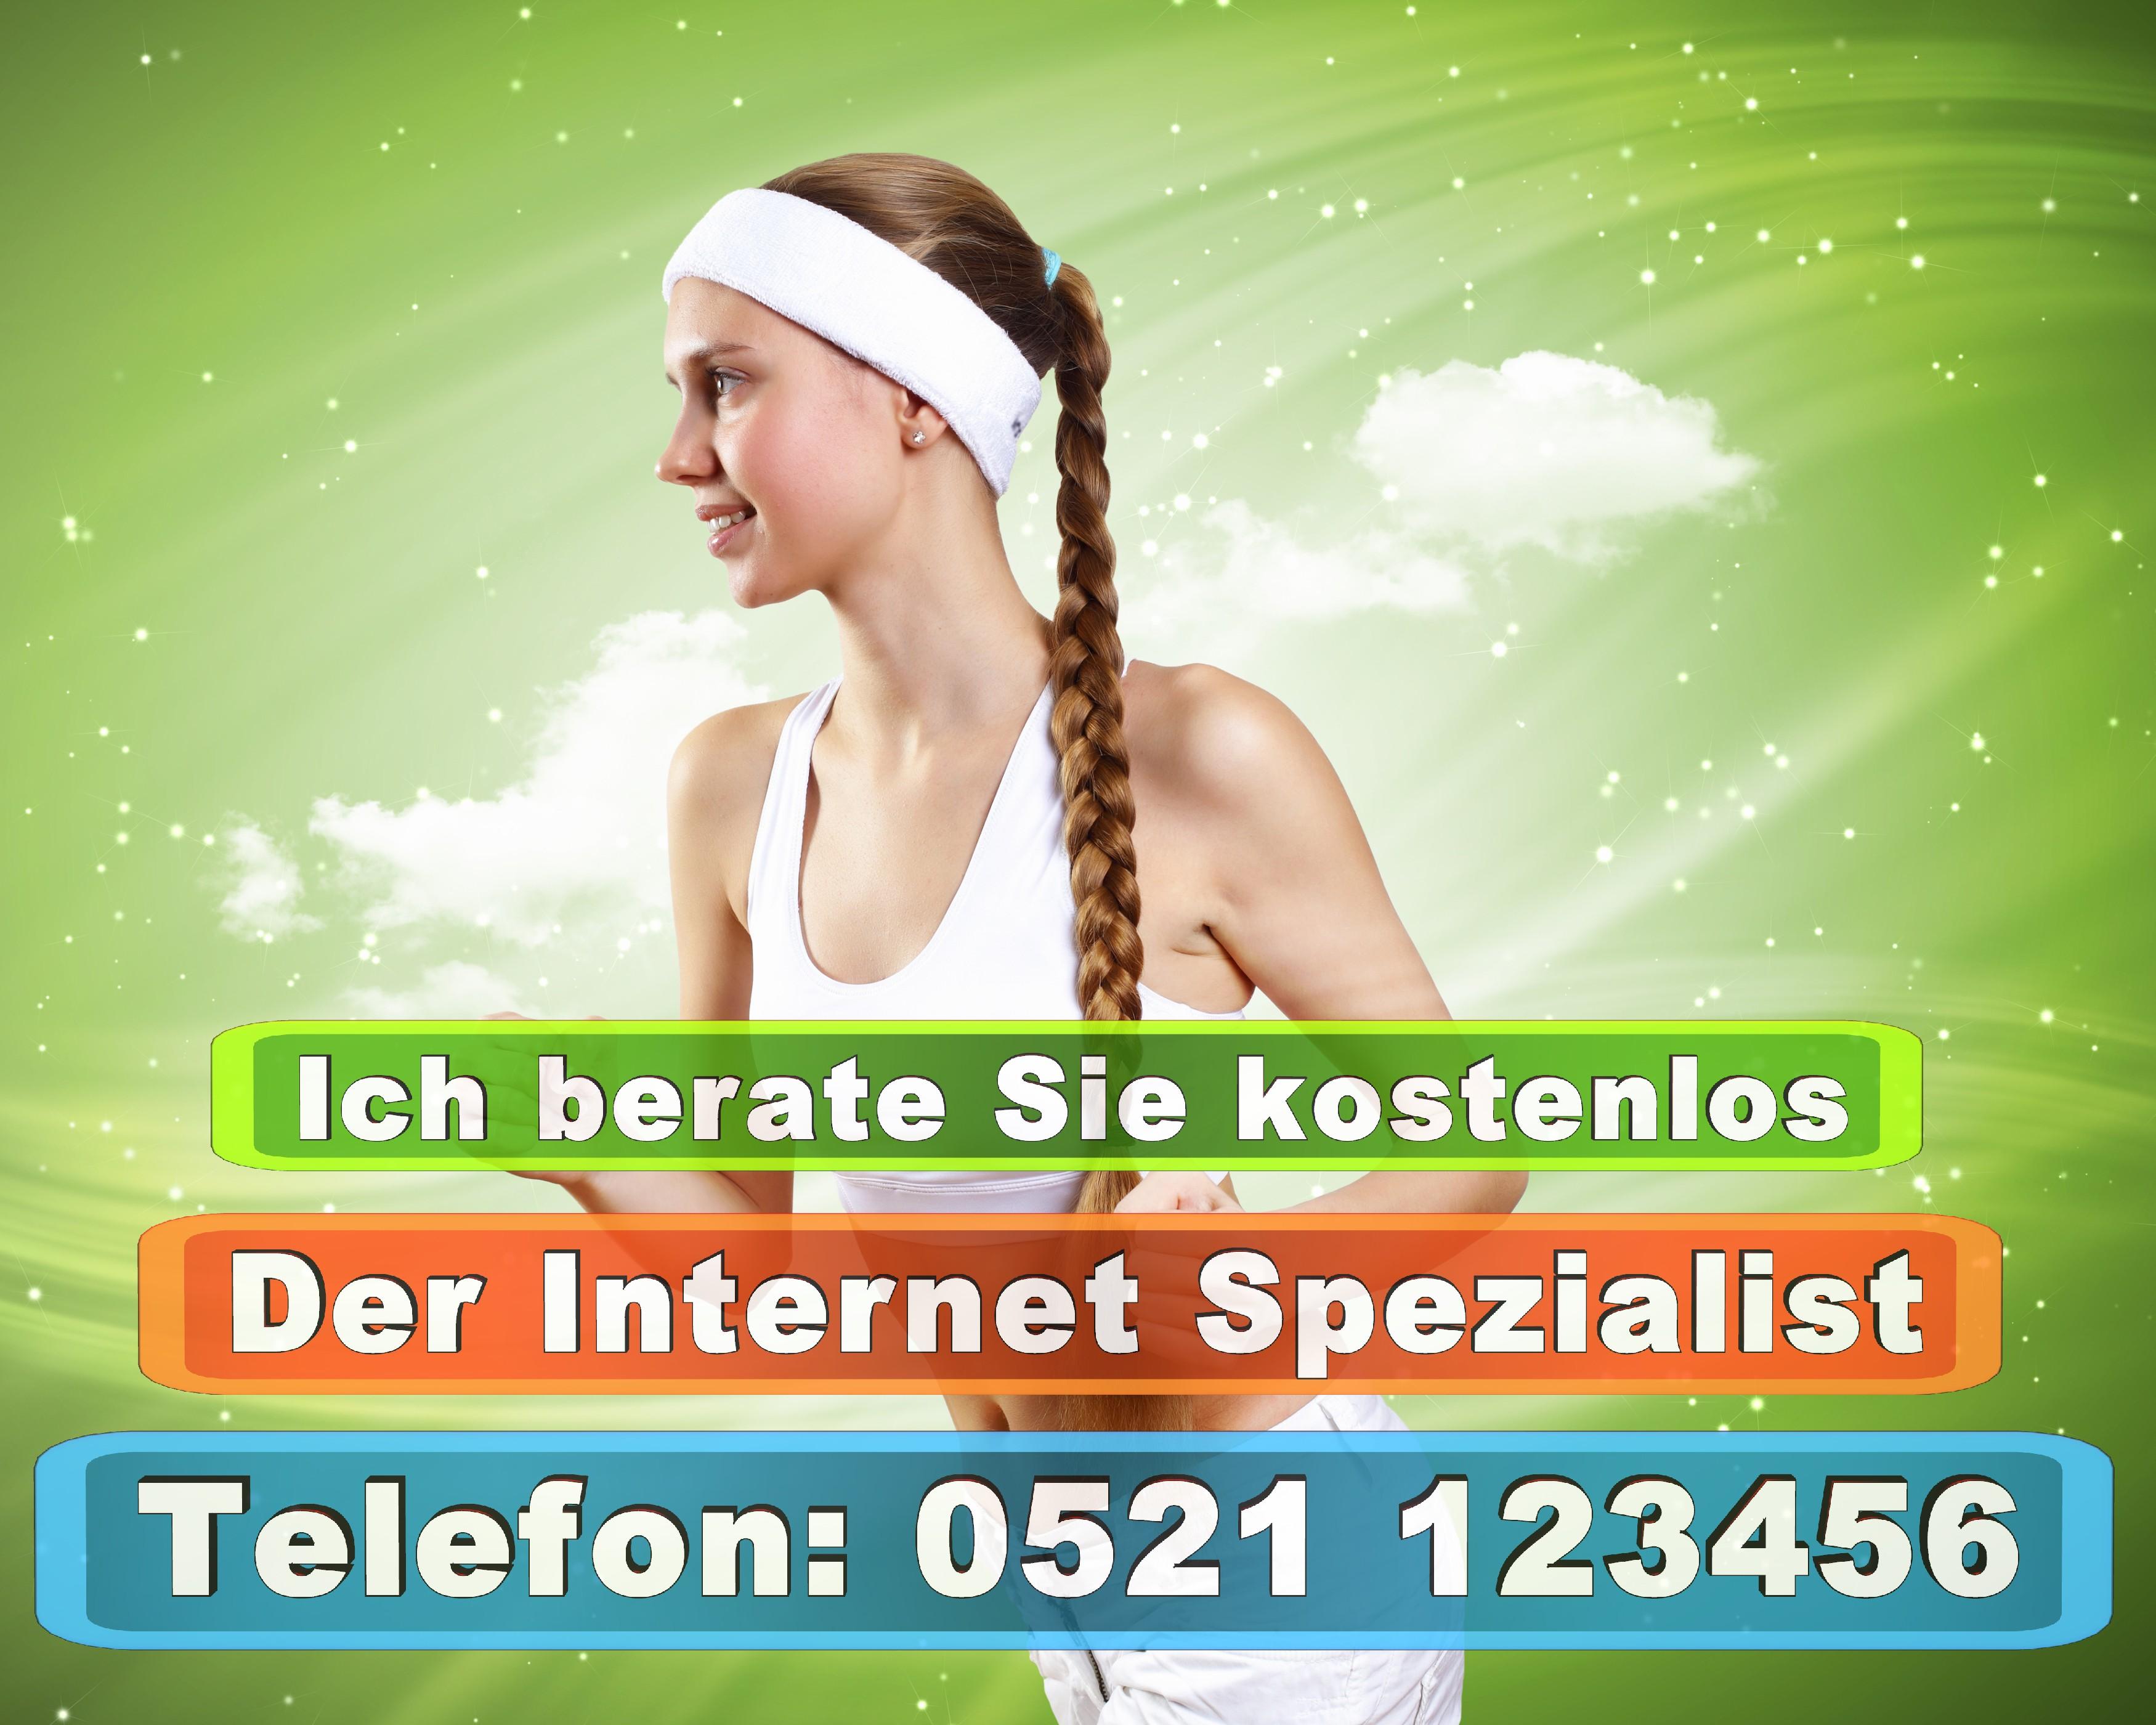 Sportvereine Bielefeld Teutoburger Wald Eisenbahn Sparrenburg Tierpark Bielefeld Gibt Es Nicht Joke Map Germany Conspirancy Photos Pictures Images (4)